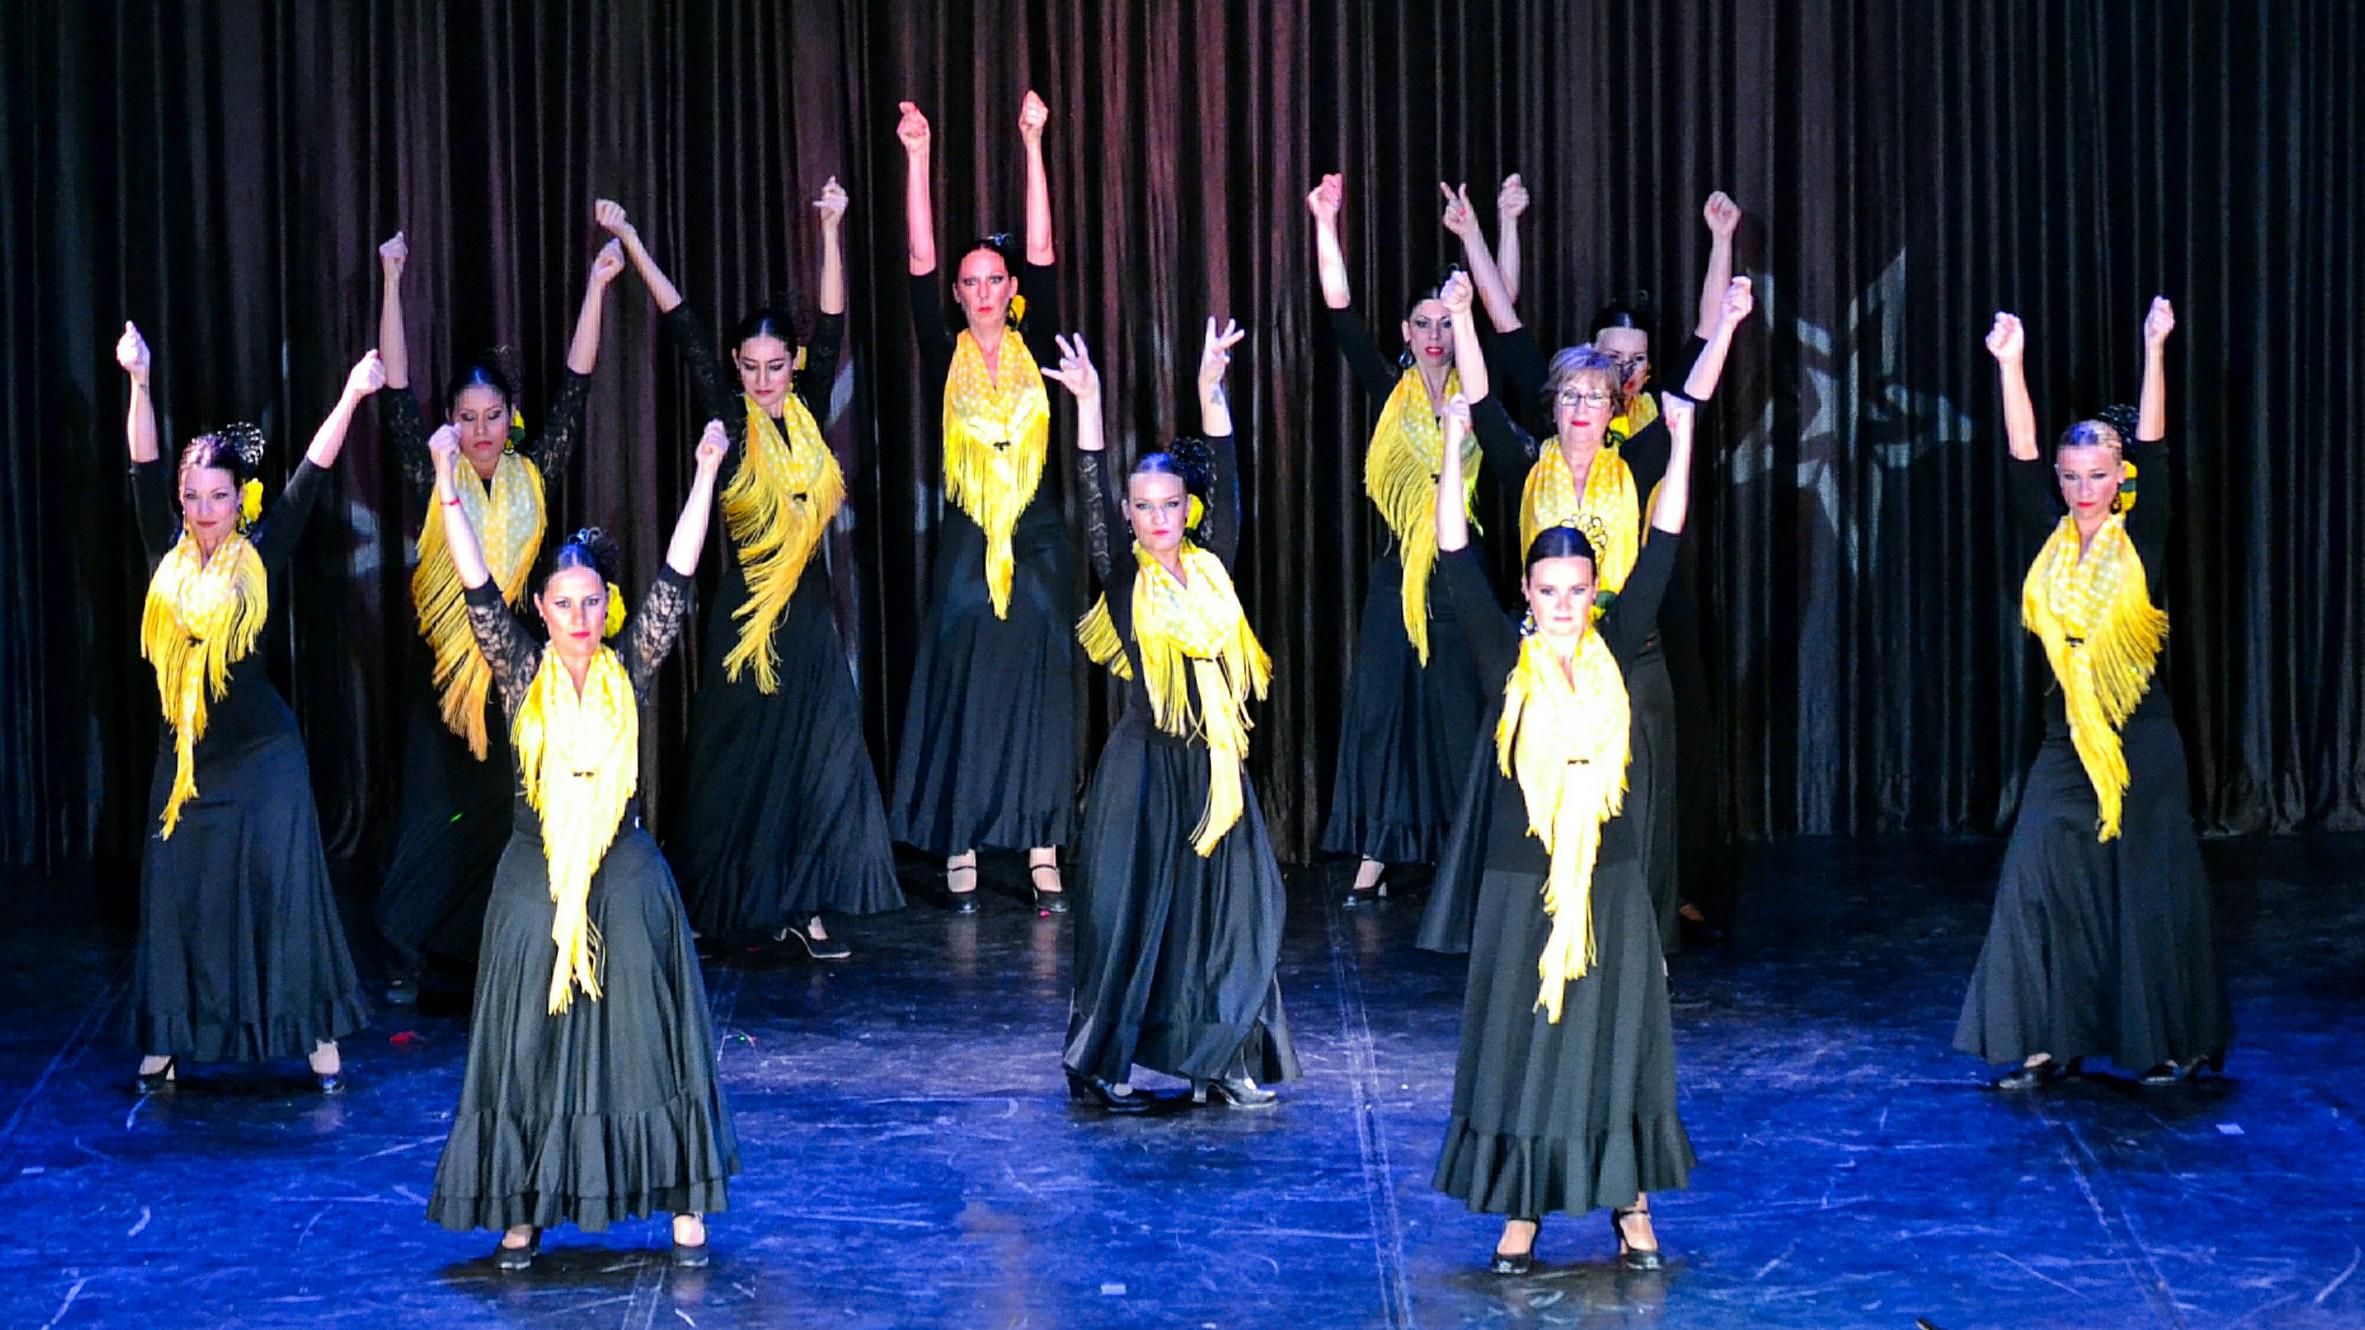 Linea-de-Baile-festival-verano-2015-clases-de-baile-valencia-68